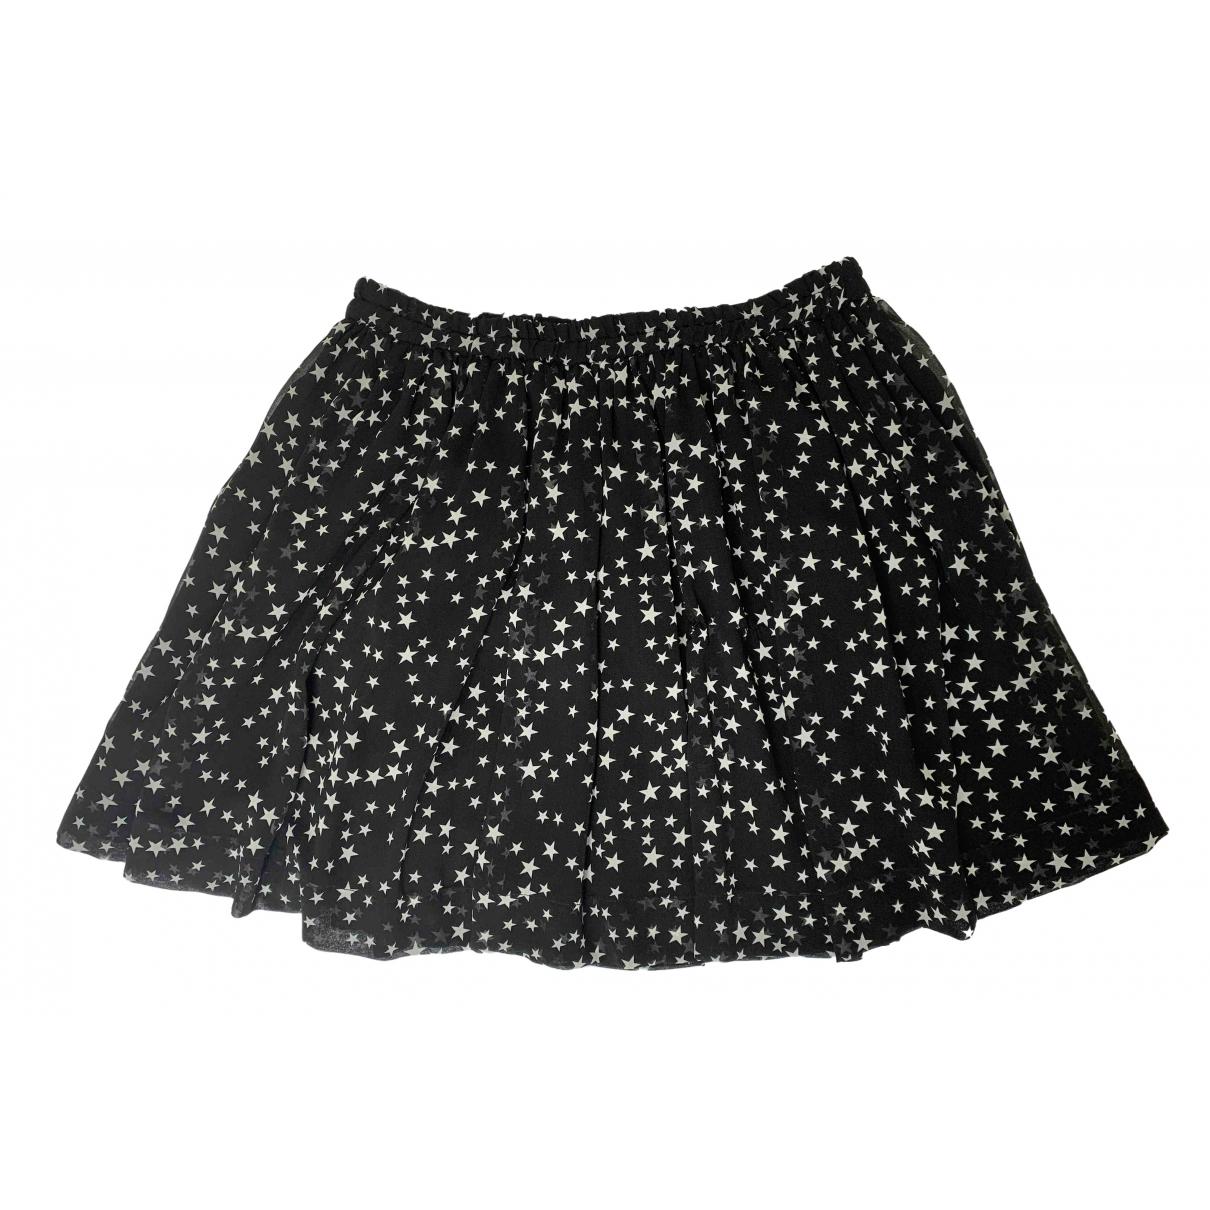 Dolce & Gabbana \N Black skirt for Women 42 IT